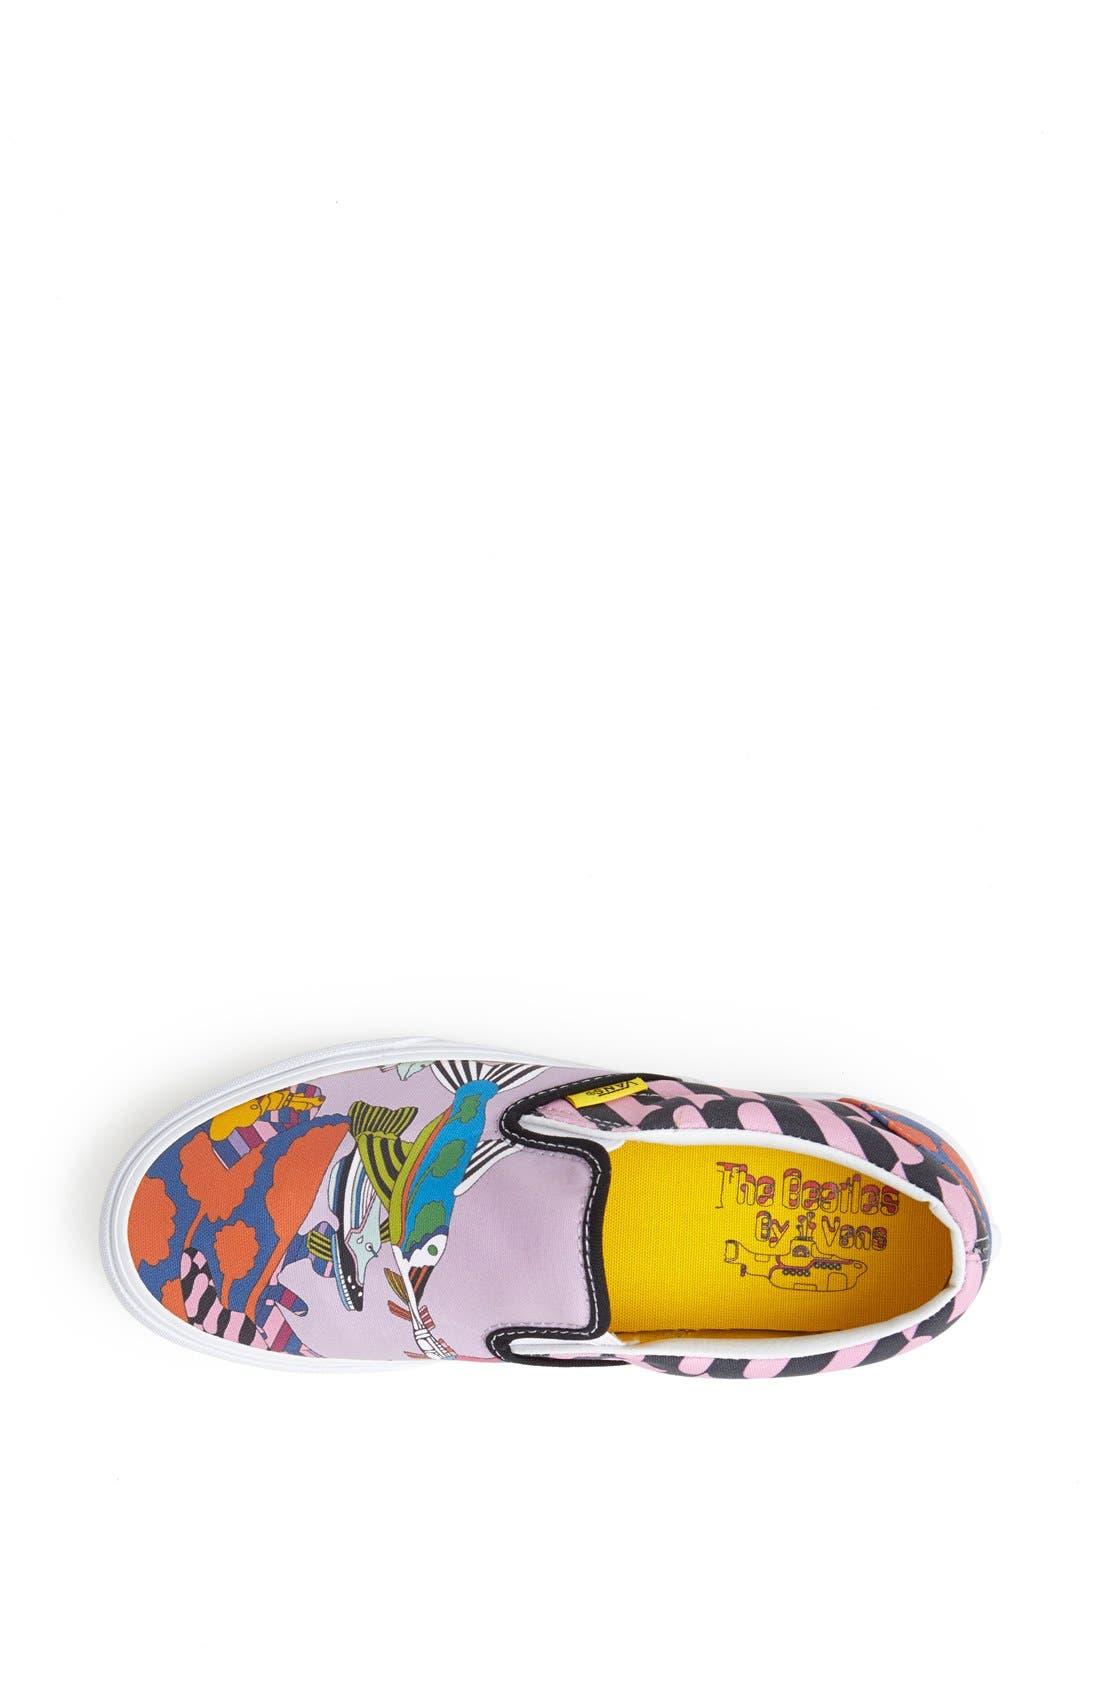 Alternate Image 3  - Vans 'Sea of Monster' Slip-On Sneaker (Women)